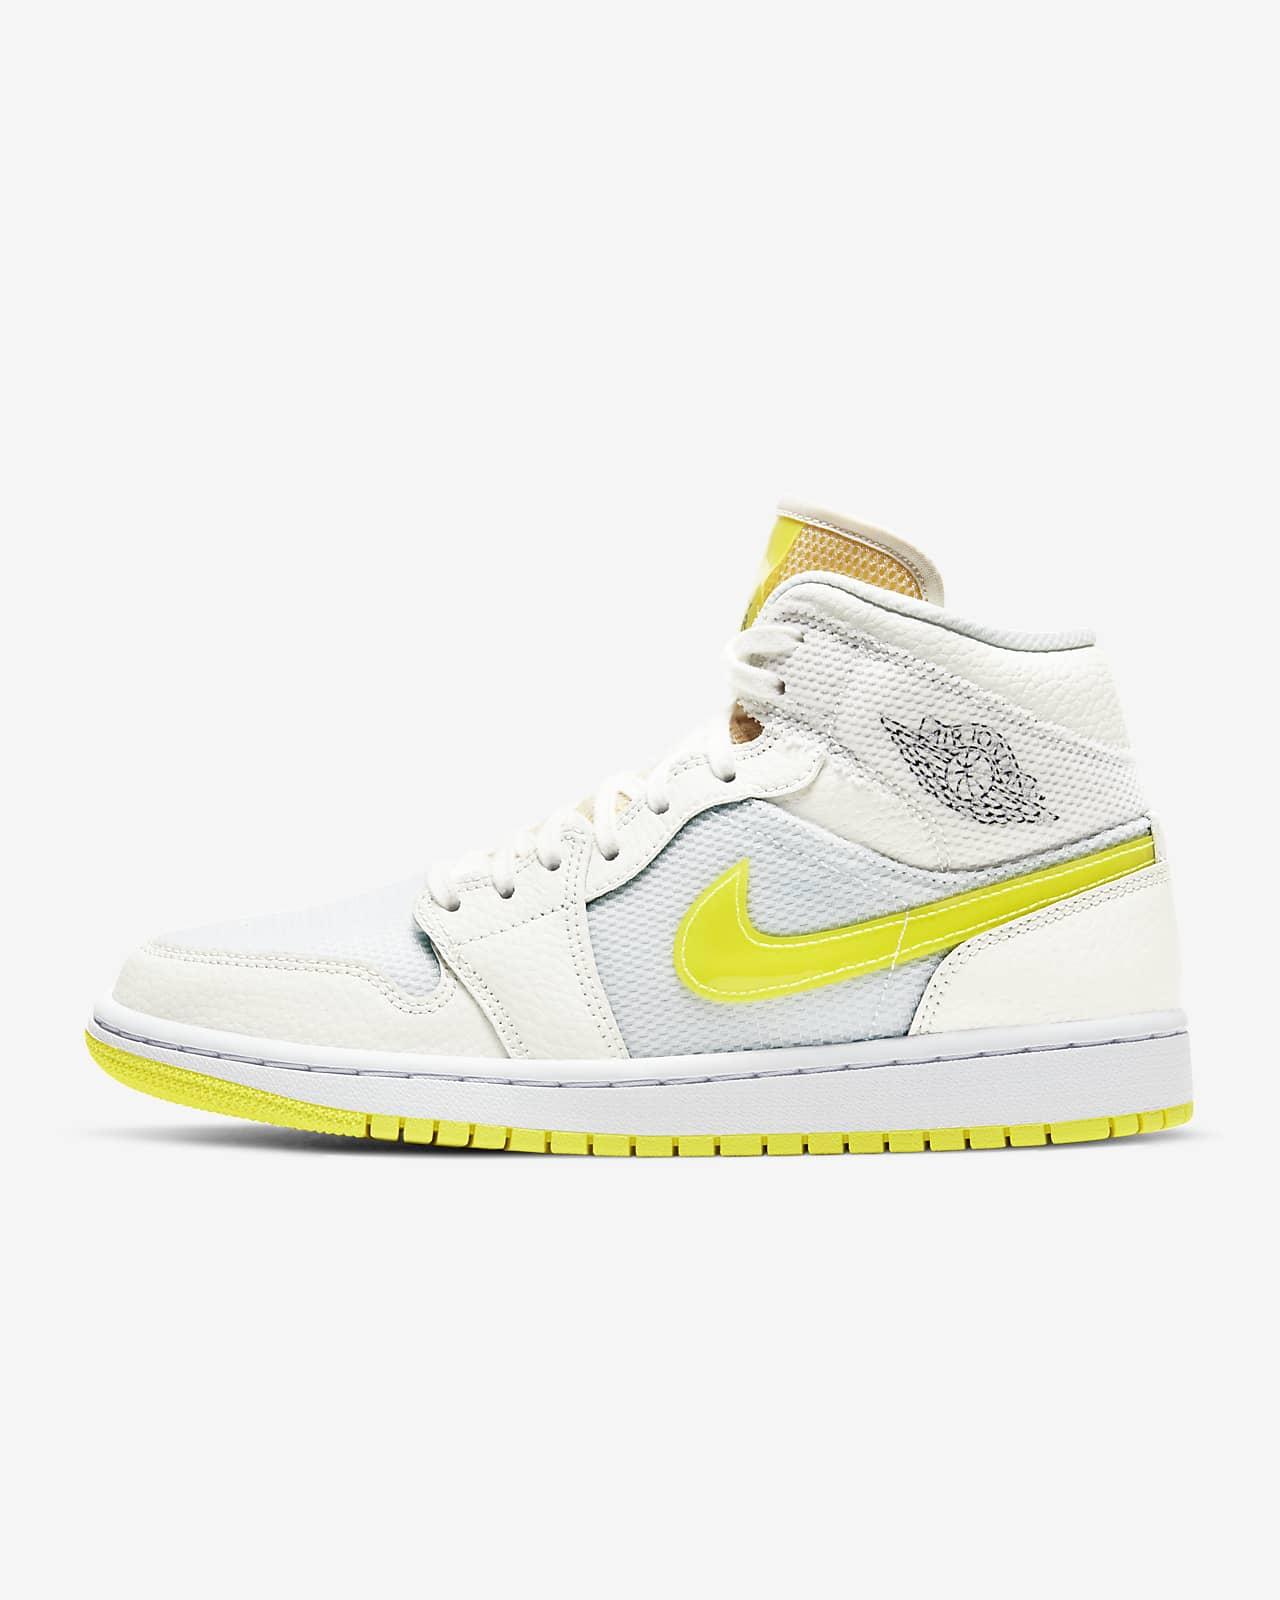 Air Jordan 1 Mid SE 女子运动鞋